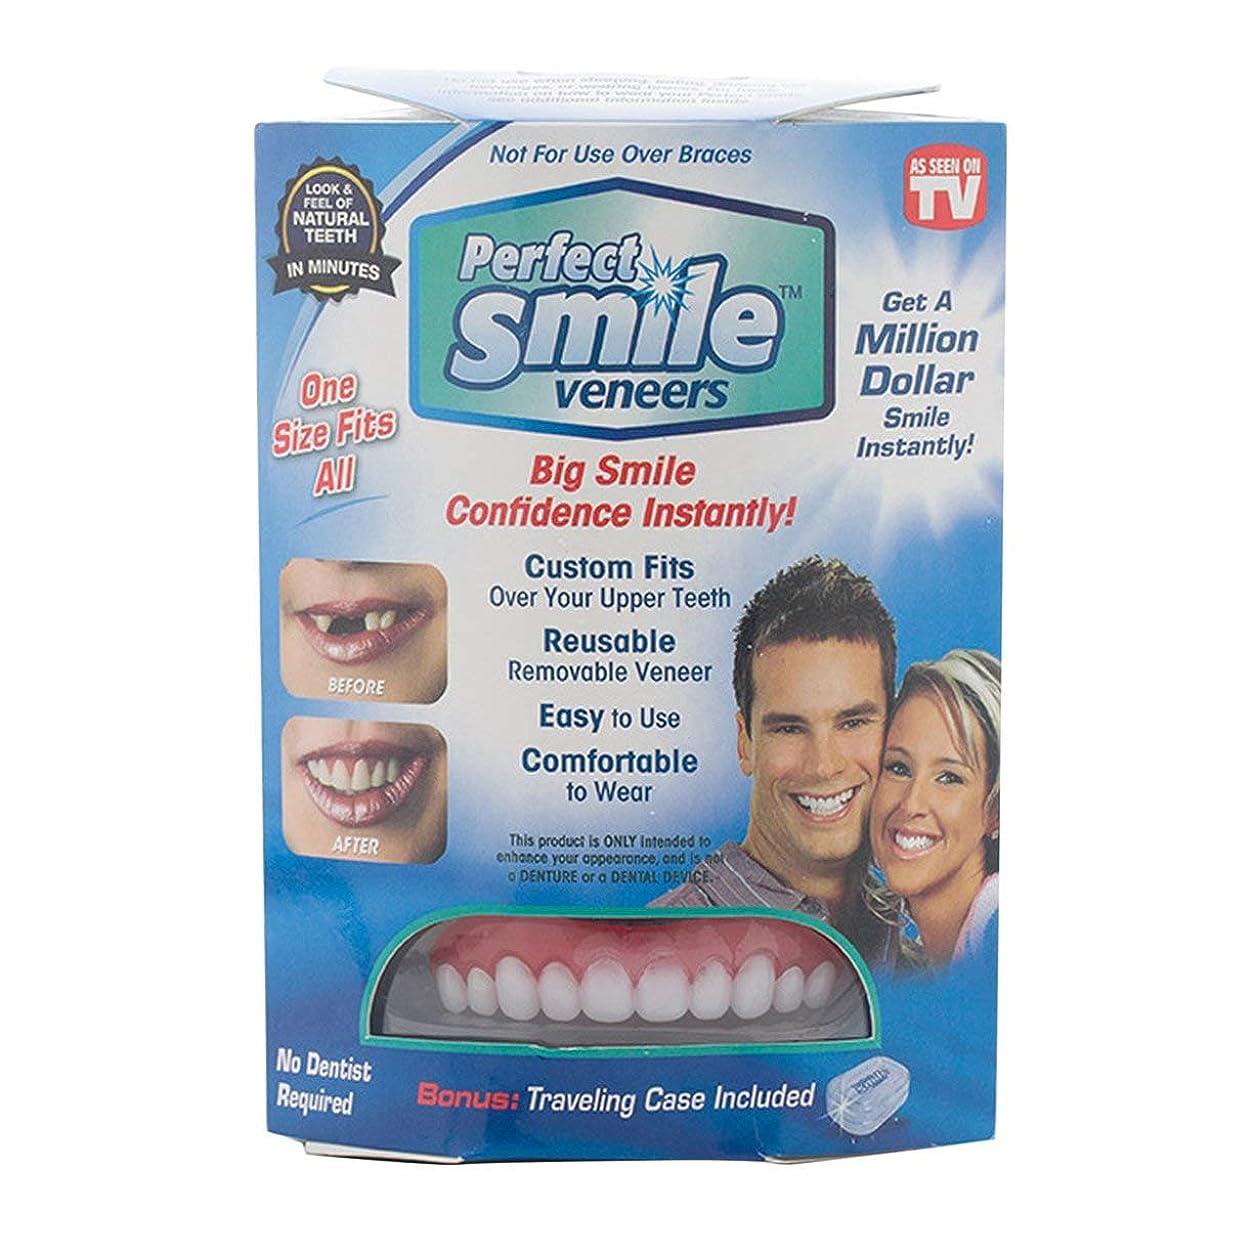 法律により付けるストレスの多い完璧なインスタントスマイルコンフォートフレックス歯ホワイトニング入れ歯ペースト偽歯アッパー化粧品突き板歯カバー美容ツール - ホワイト&レッド